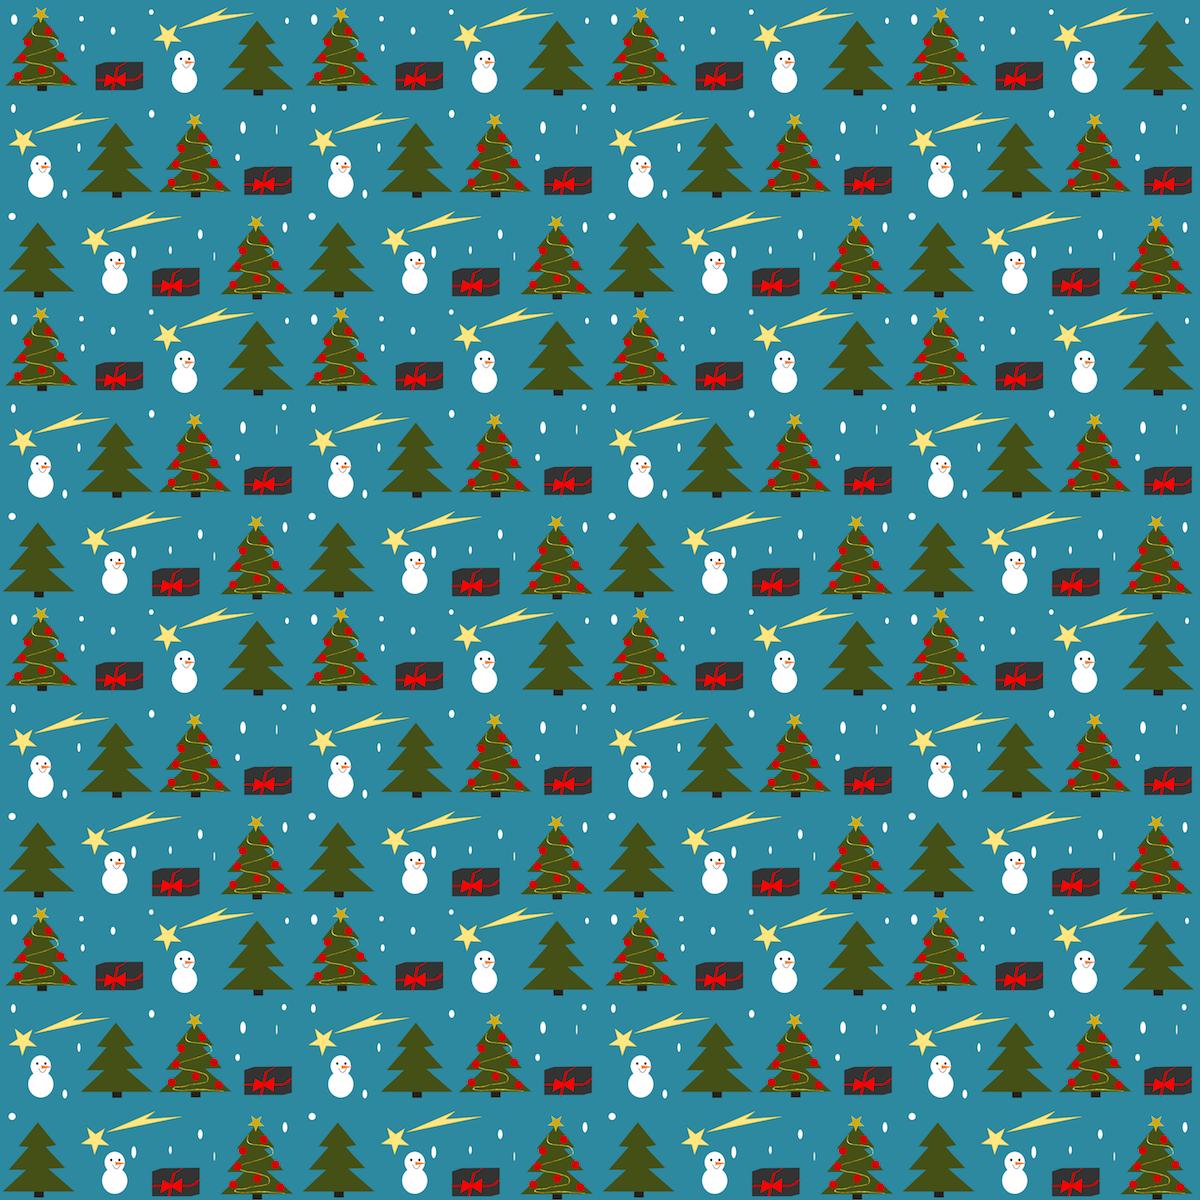 free printable christmas patterns - Saman.cinetonic.co